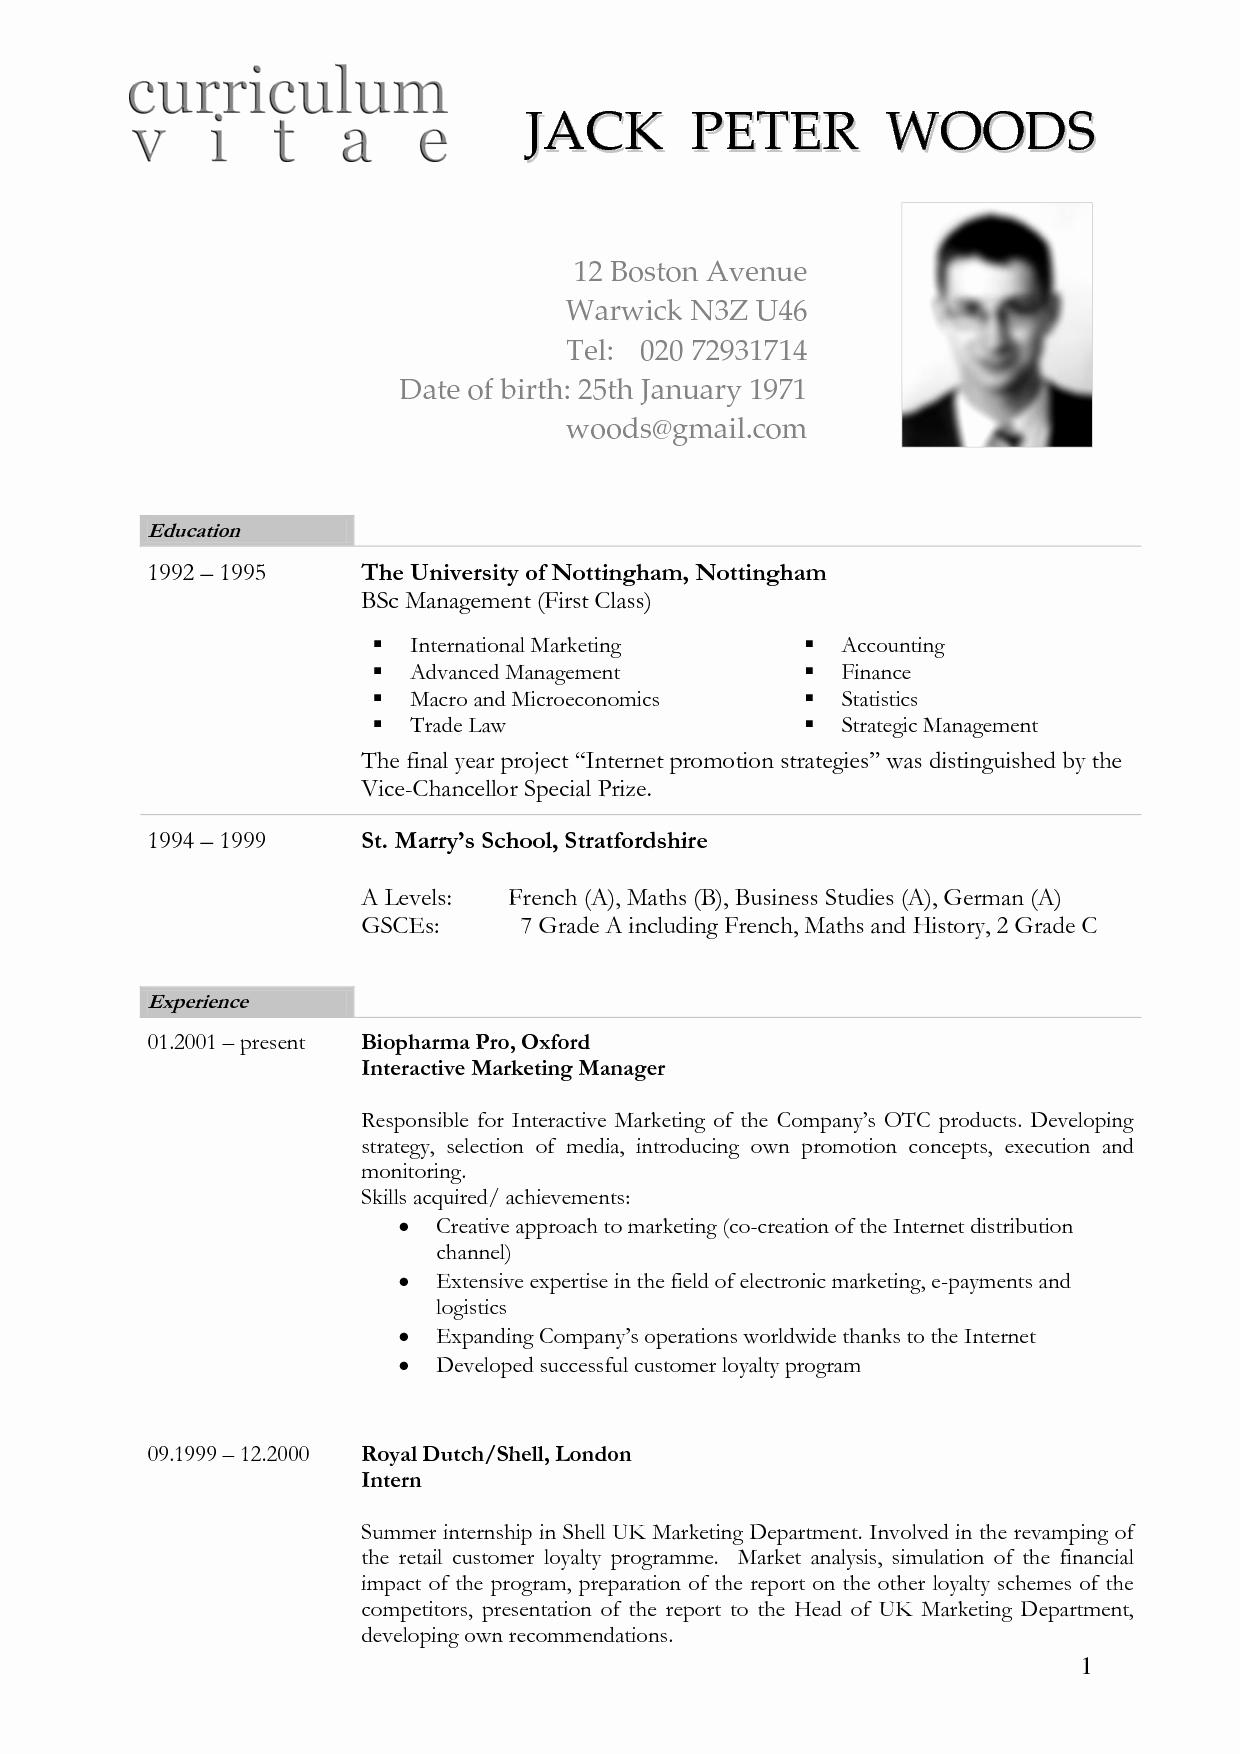 Curriculum Vitae Sample format Beautiful German Cv Template Doc